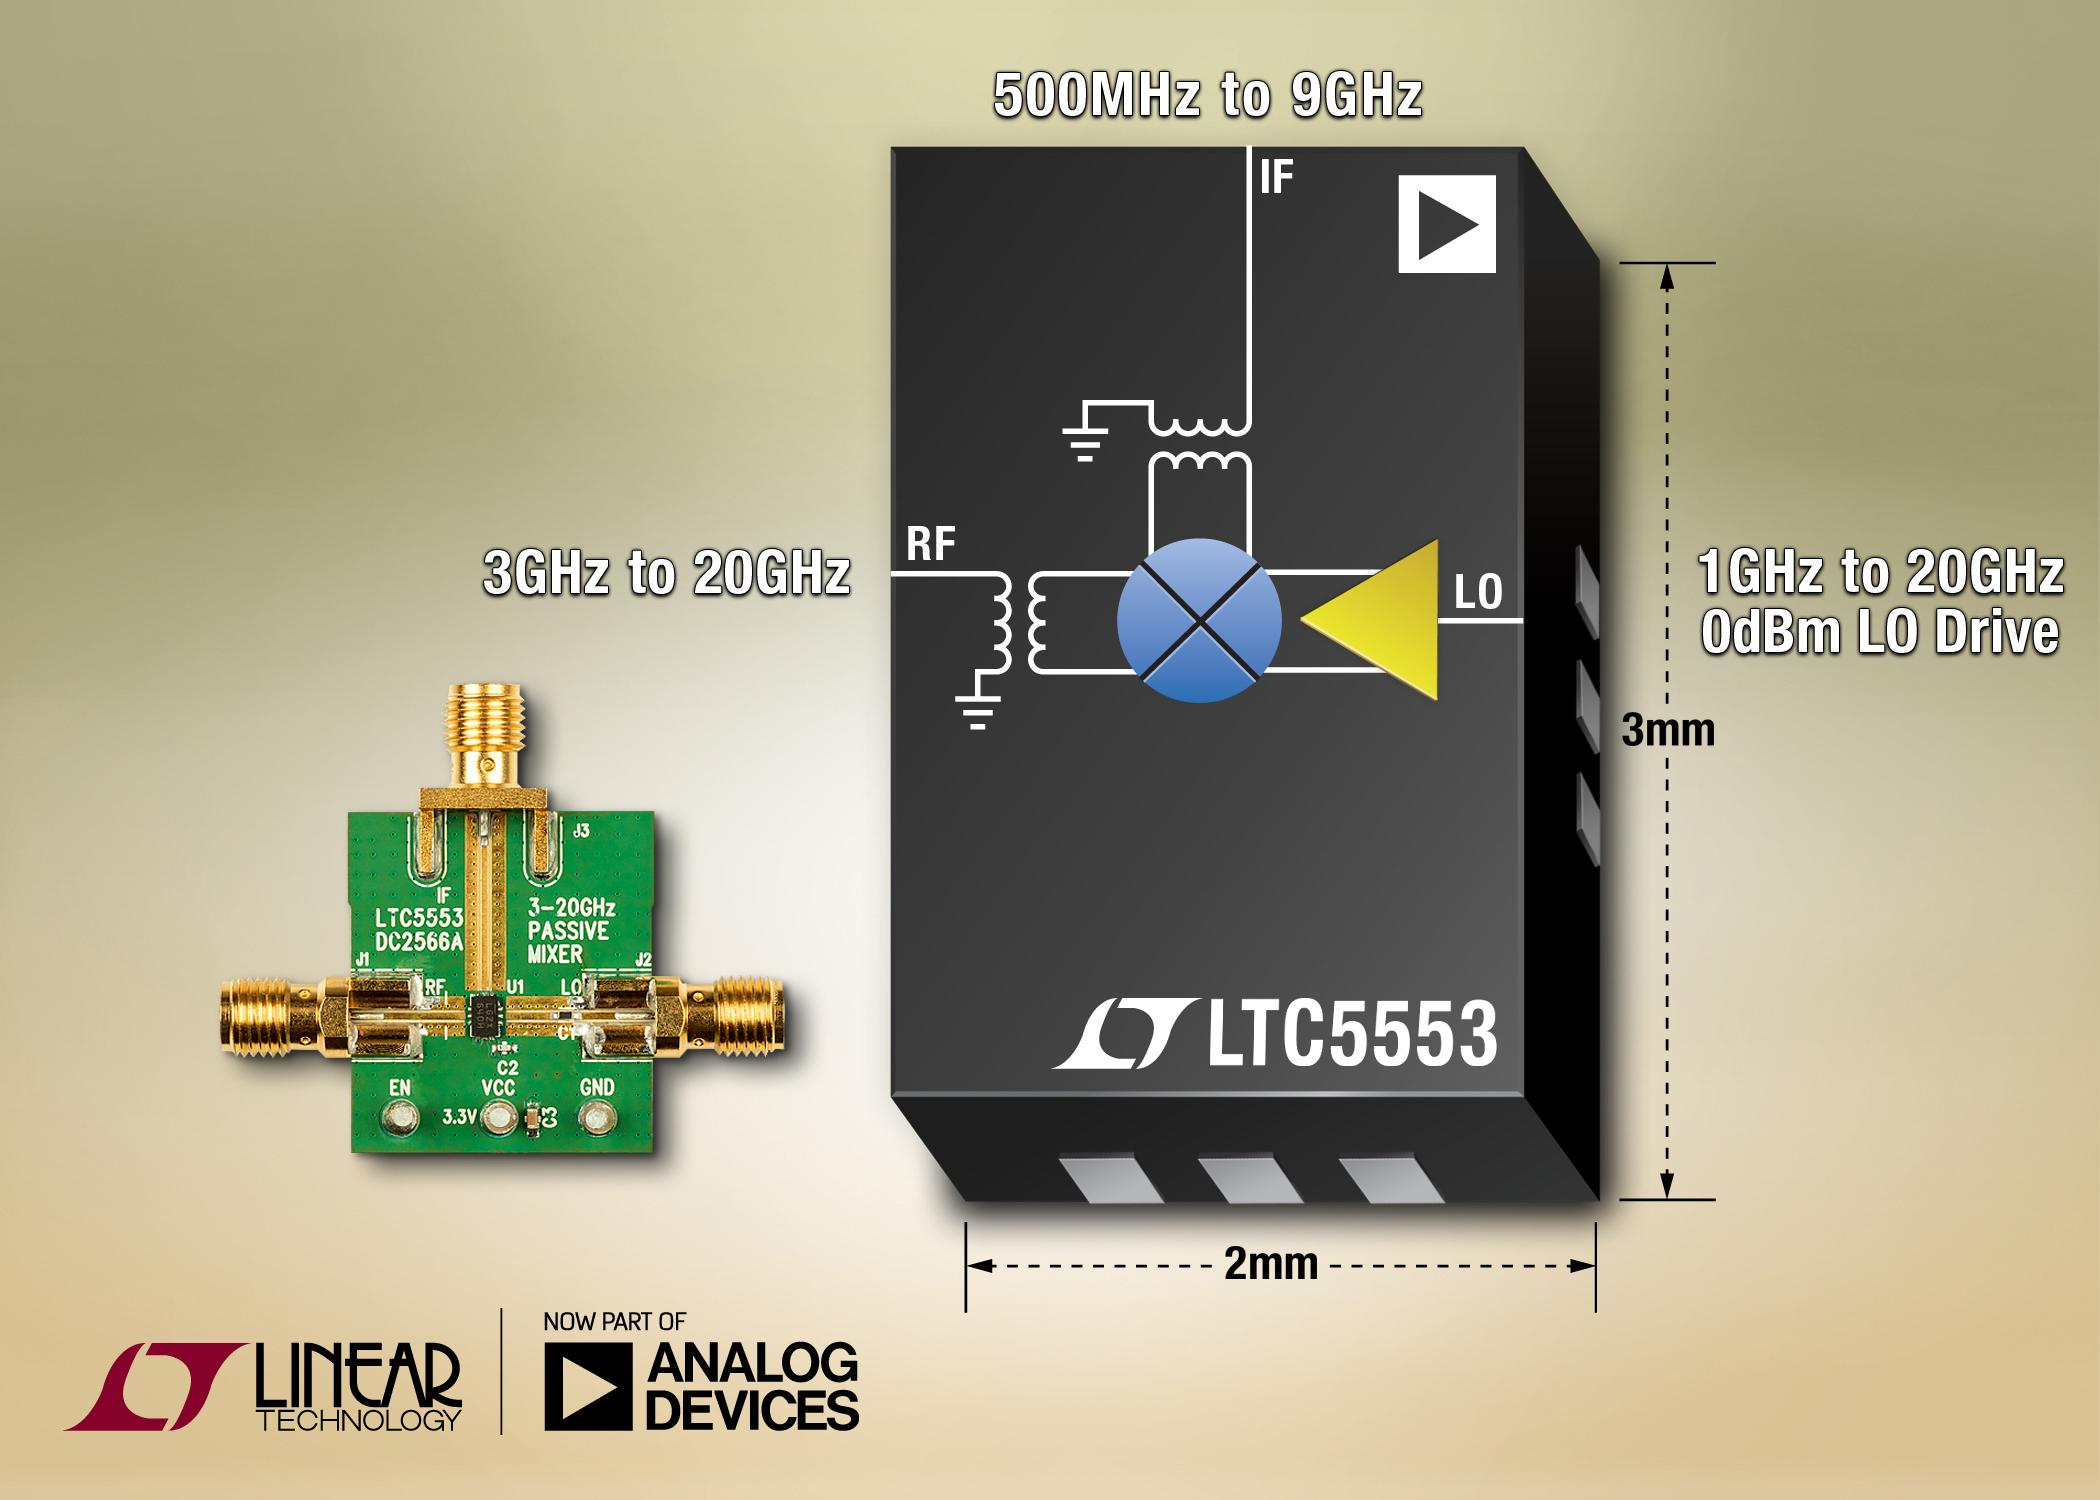 Ultra-wideband 3GHz to 20GHz mixer